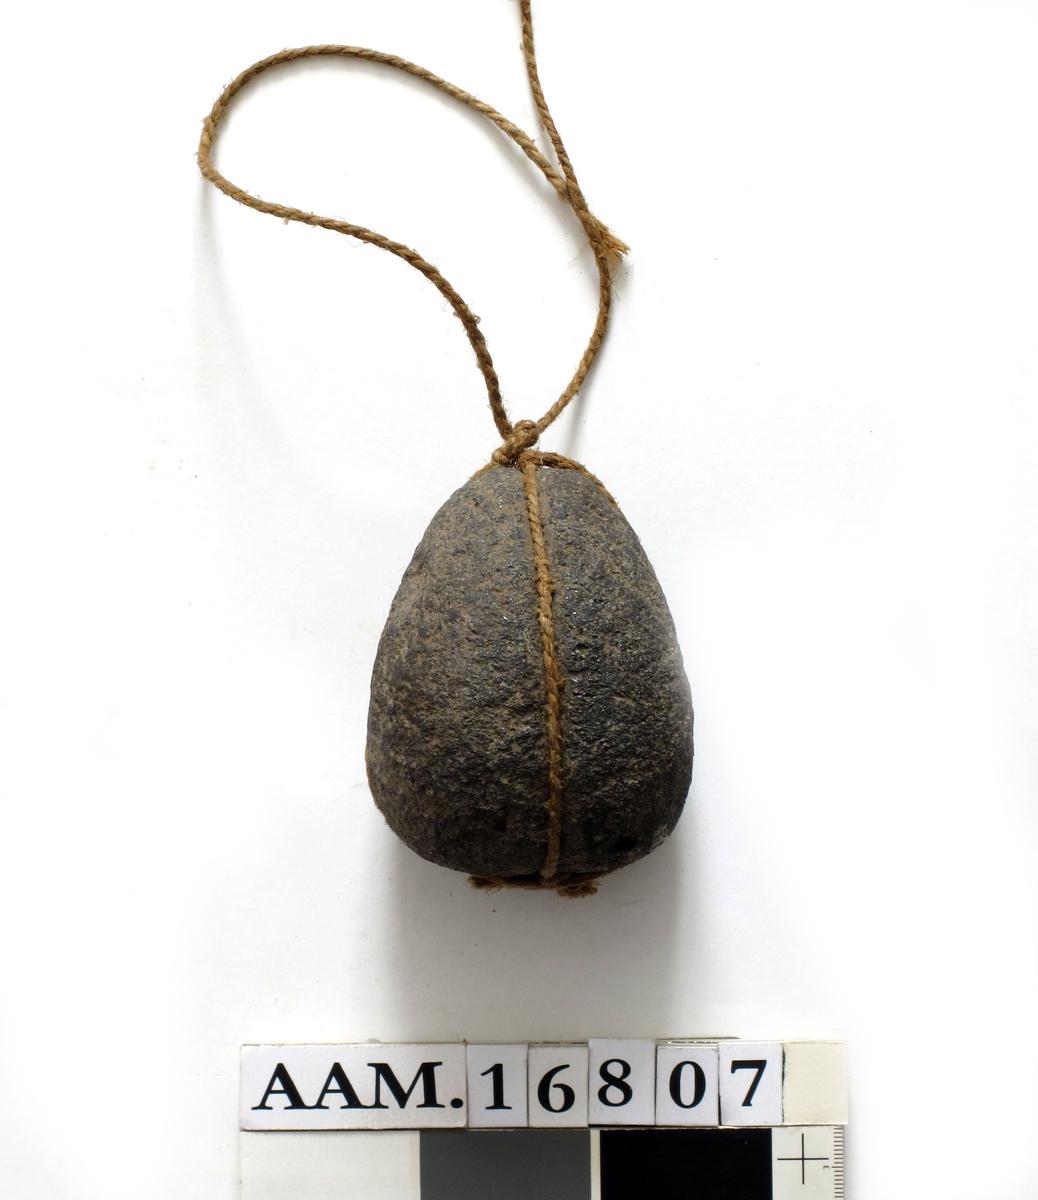 Fiskesøkke av stein. Dråpeformet, med to omgående riller,  som skjærer hverandre i kors i bunnen  og den spissere topp. Ingen tverr riller.  Vårt søkke er ombundet i rillene med brun hyssing.